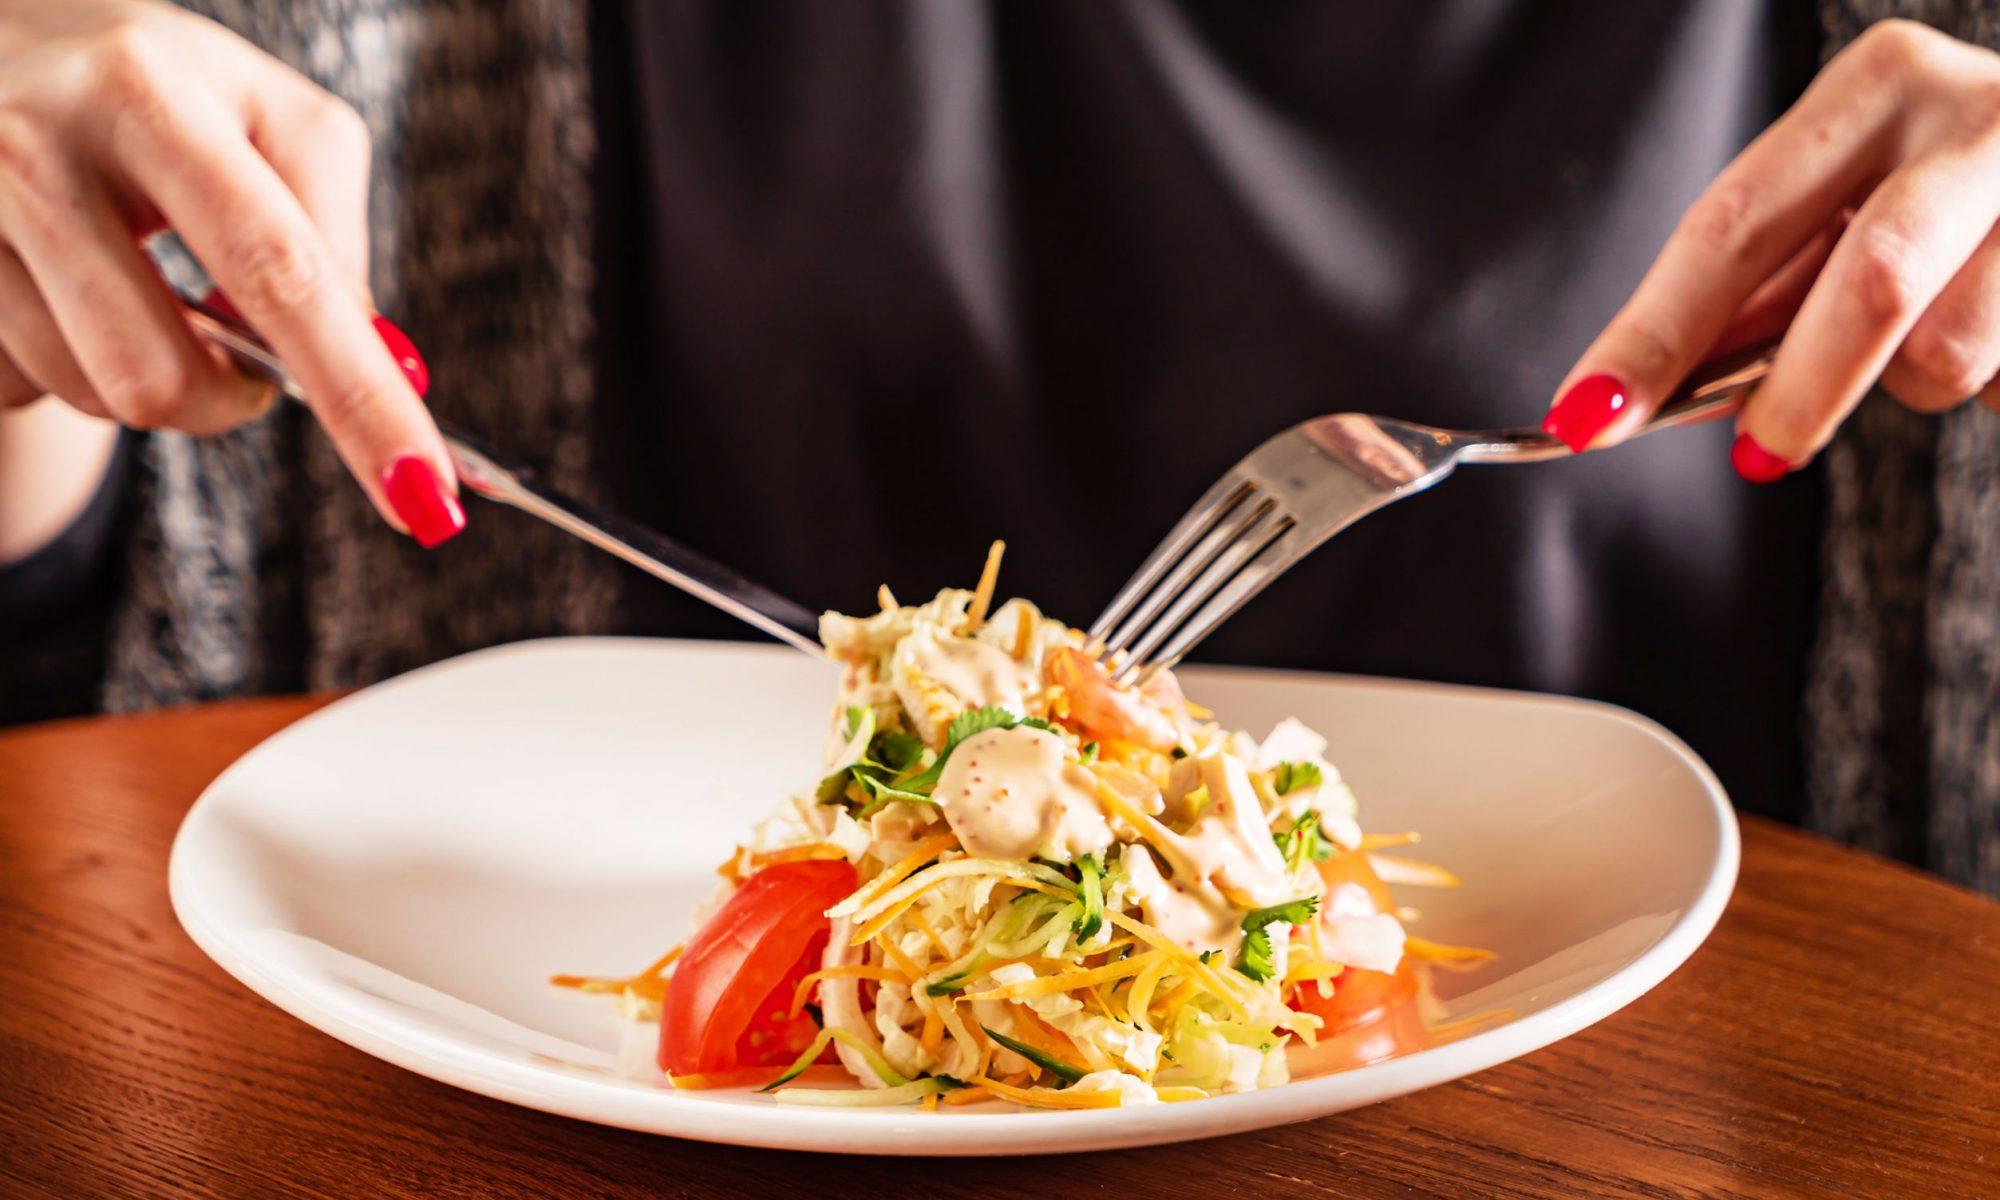 Тем, кто не имеет времени на приготовление сложных технологически блюд, но желает питаться вкусно и качественно, рекомендуем приготовить салат с курицей и болгарским перцем.